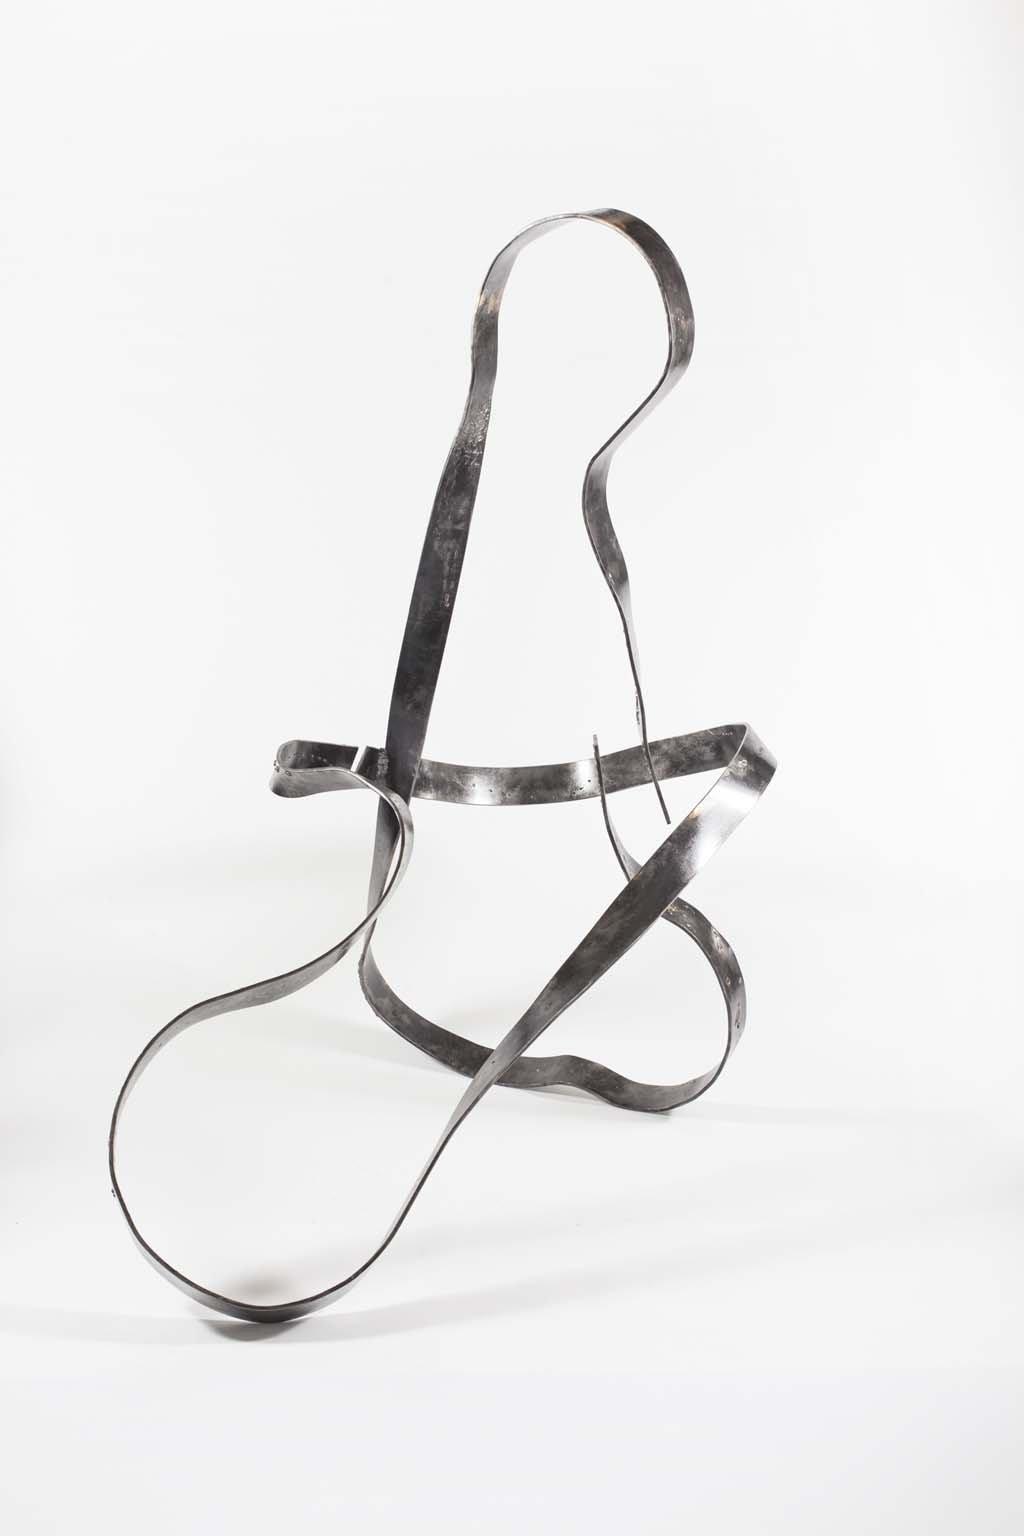 'Oblivion VIII' | Iron and brass sculpture | Artist: Rami Ater